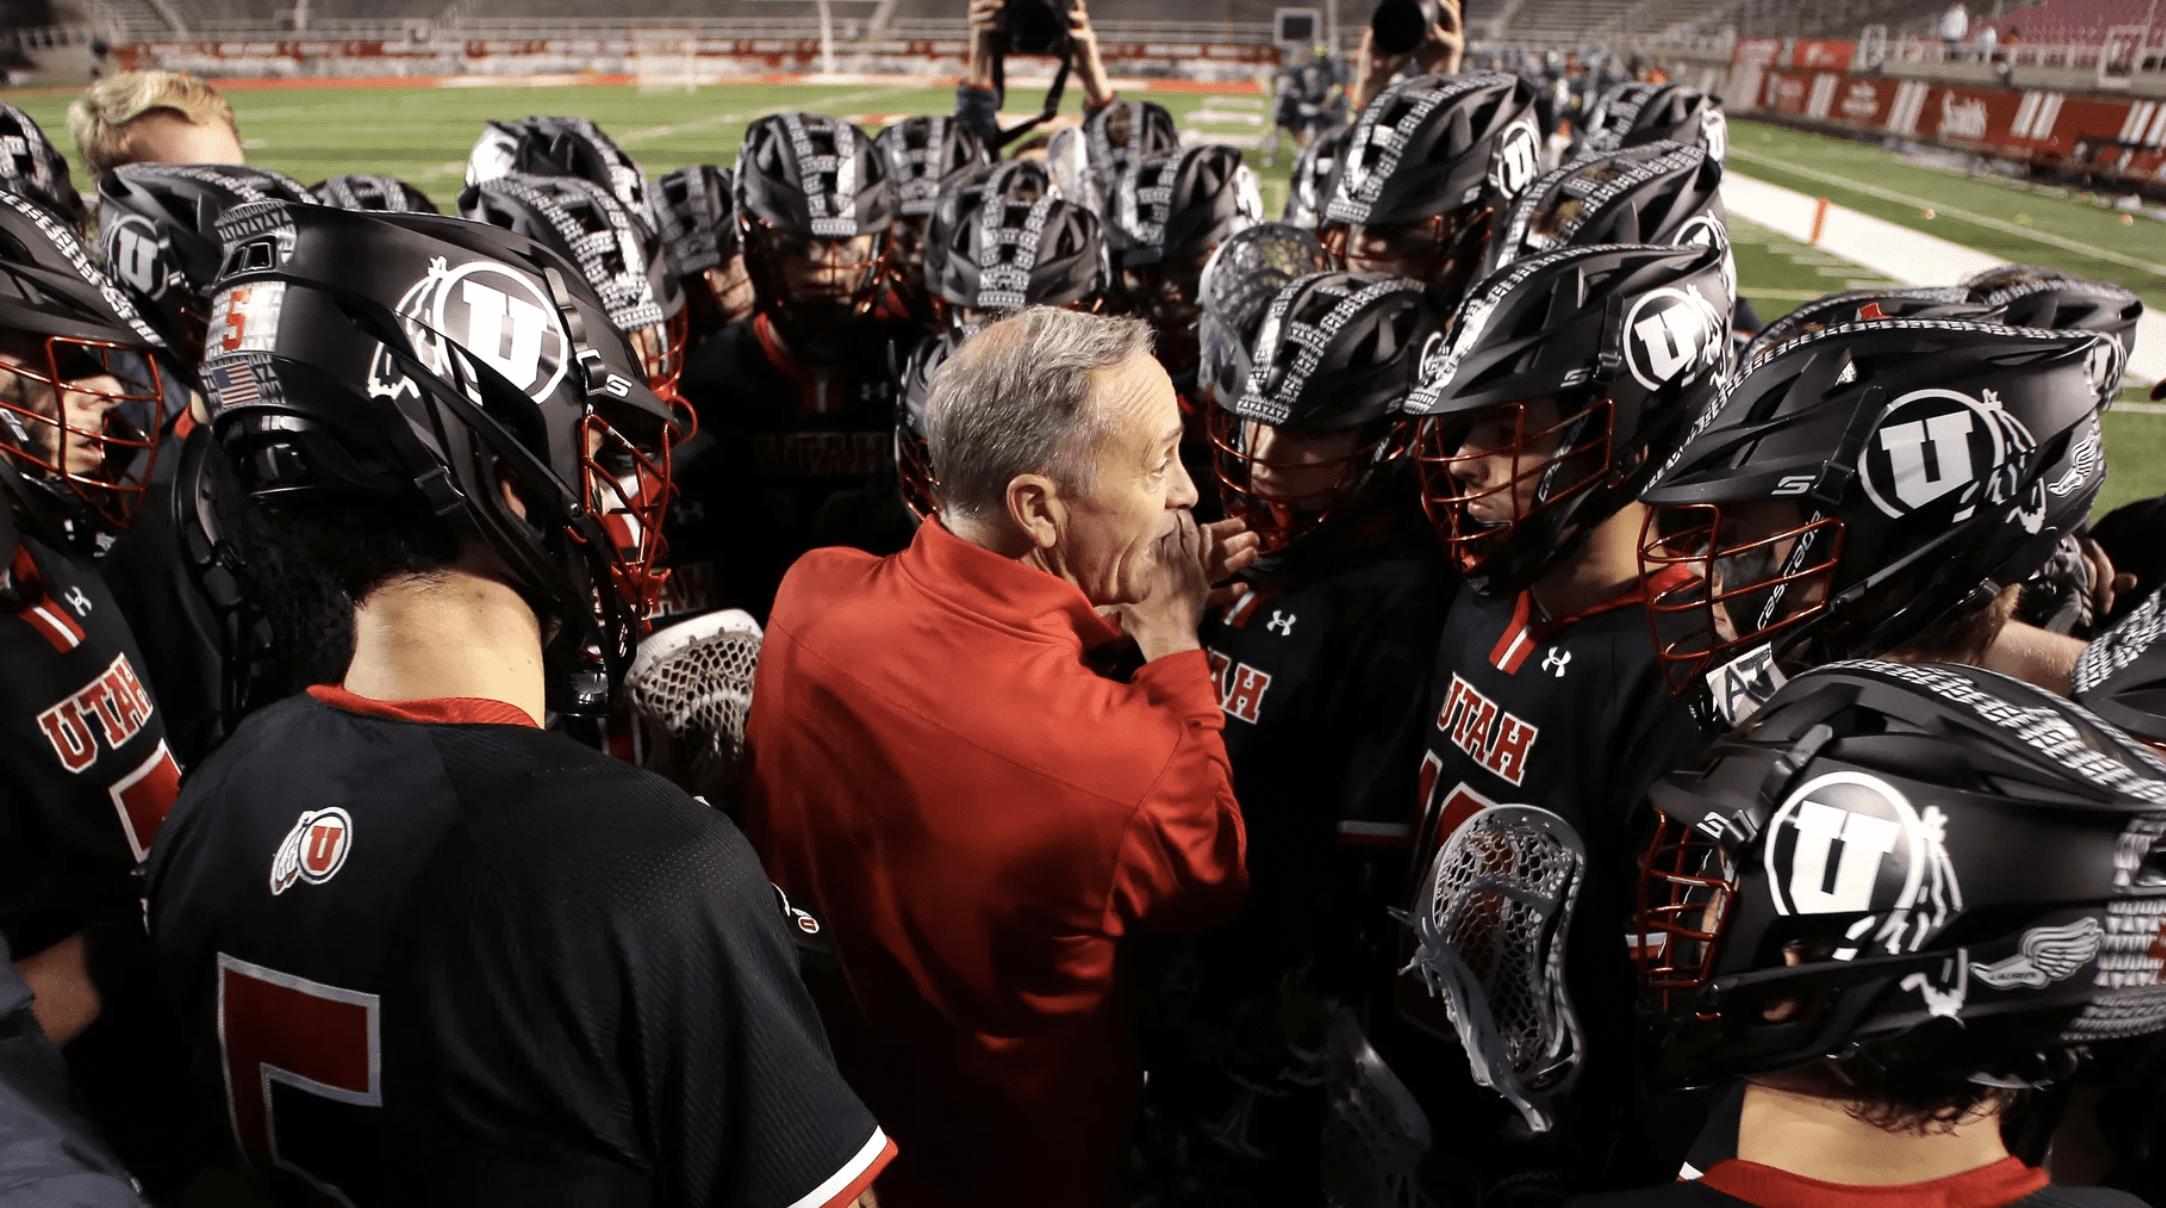 Utah lacrosse season changed